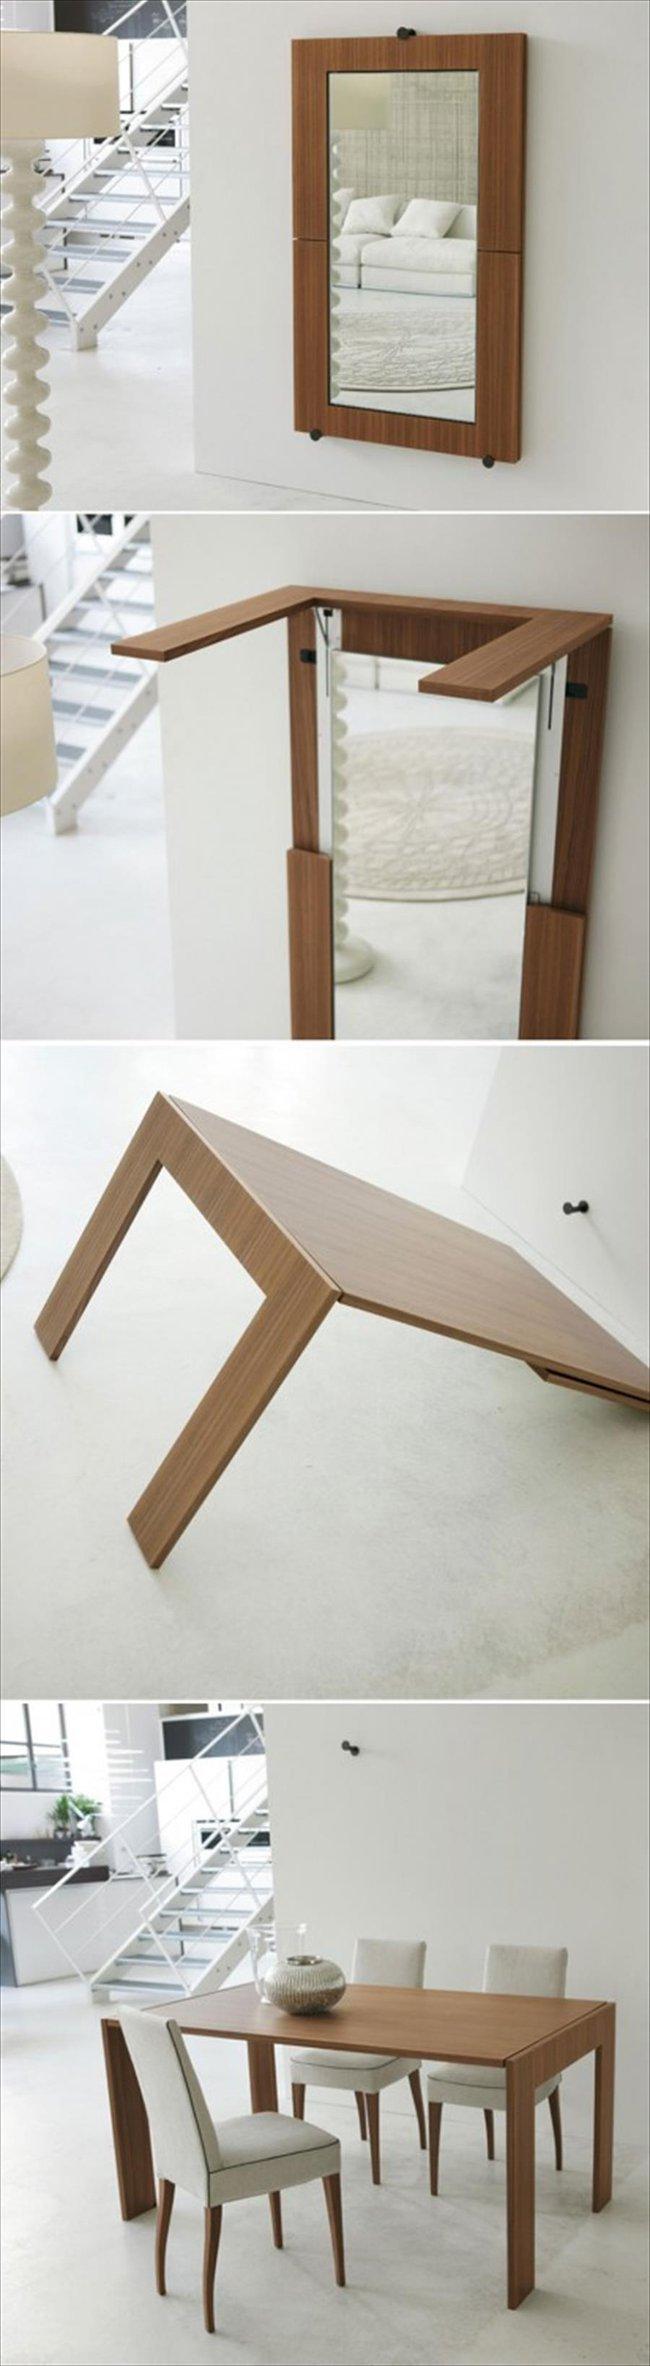 8 đồ nội thất đa chức năng - ảnh 6